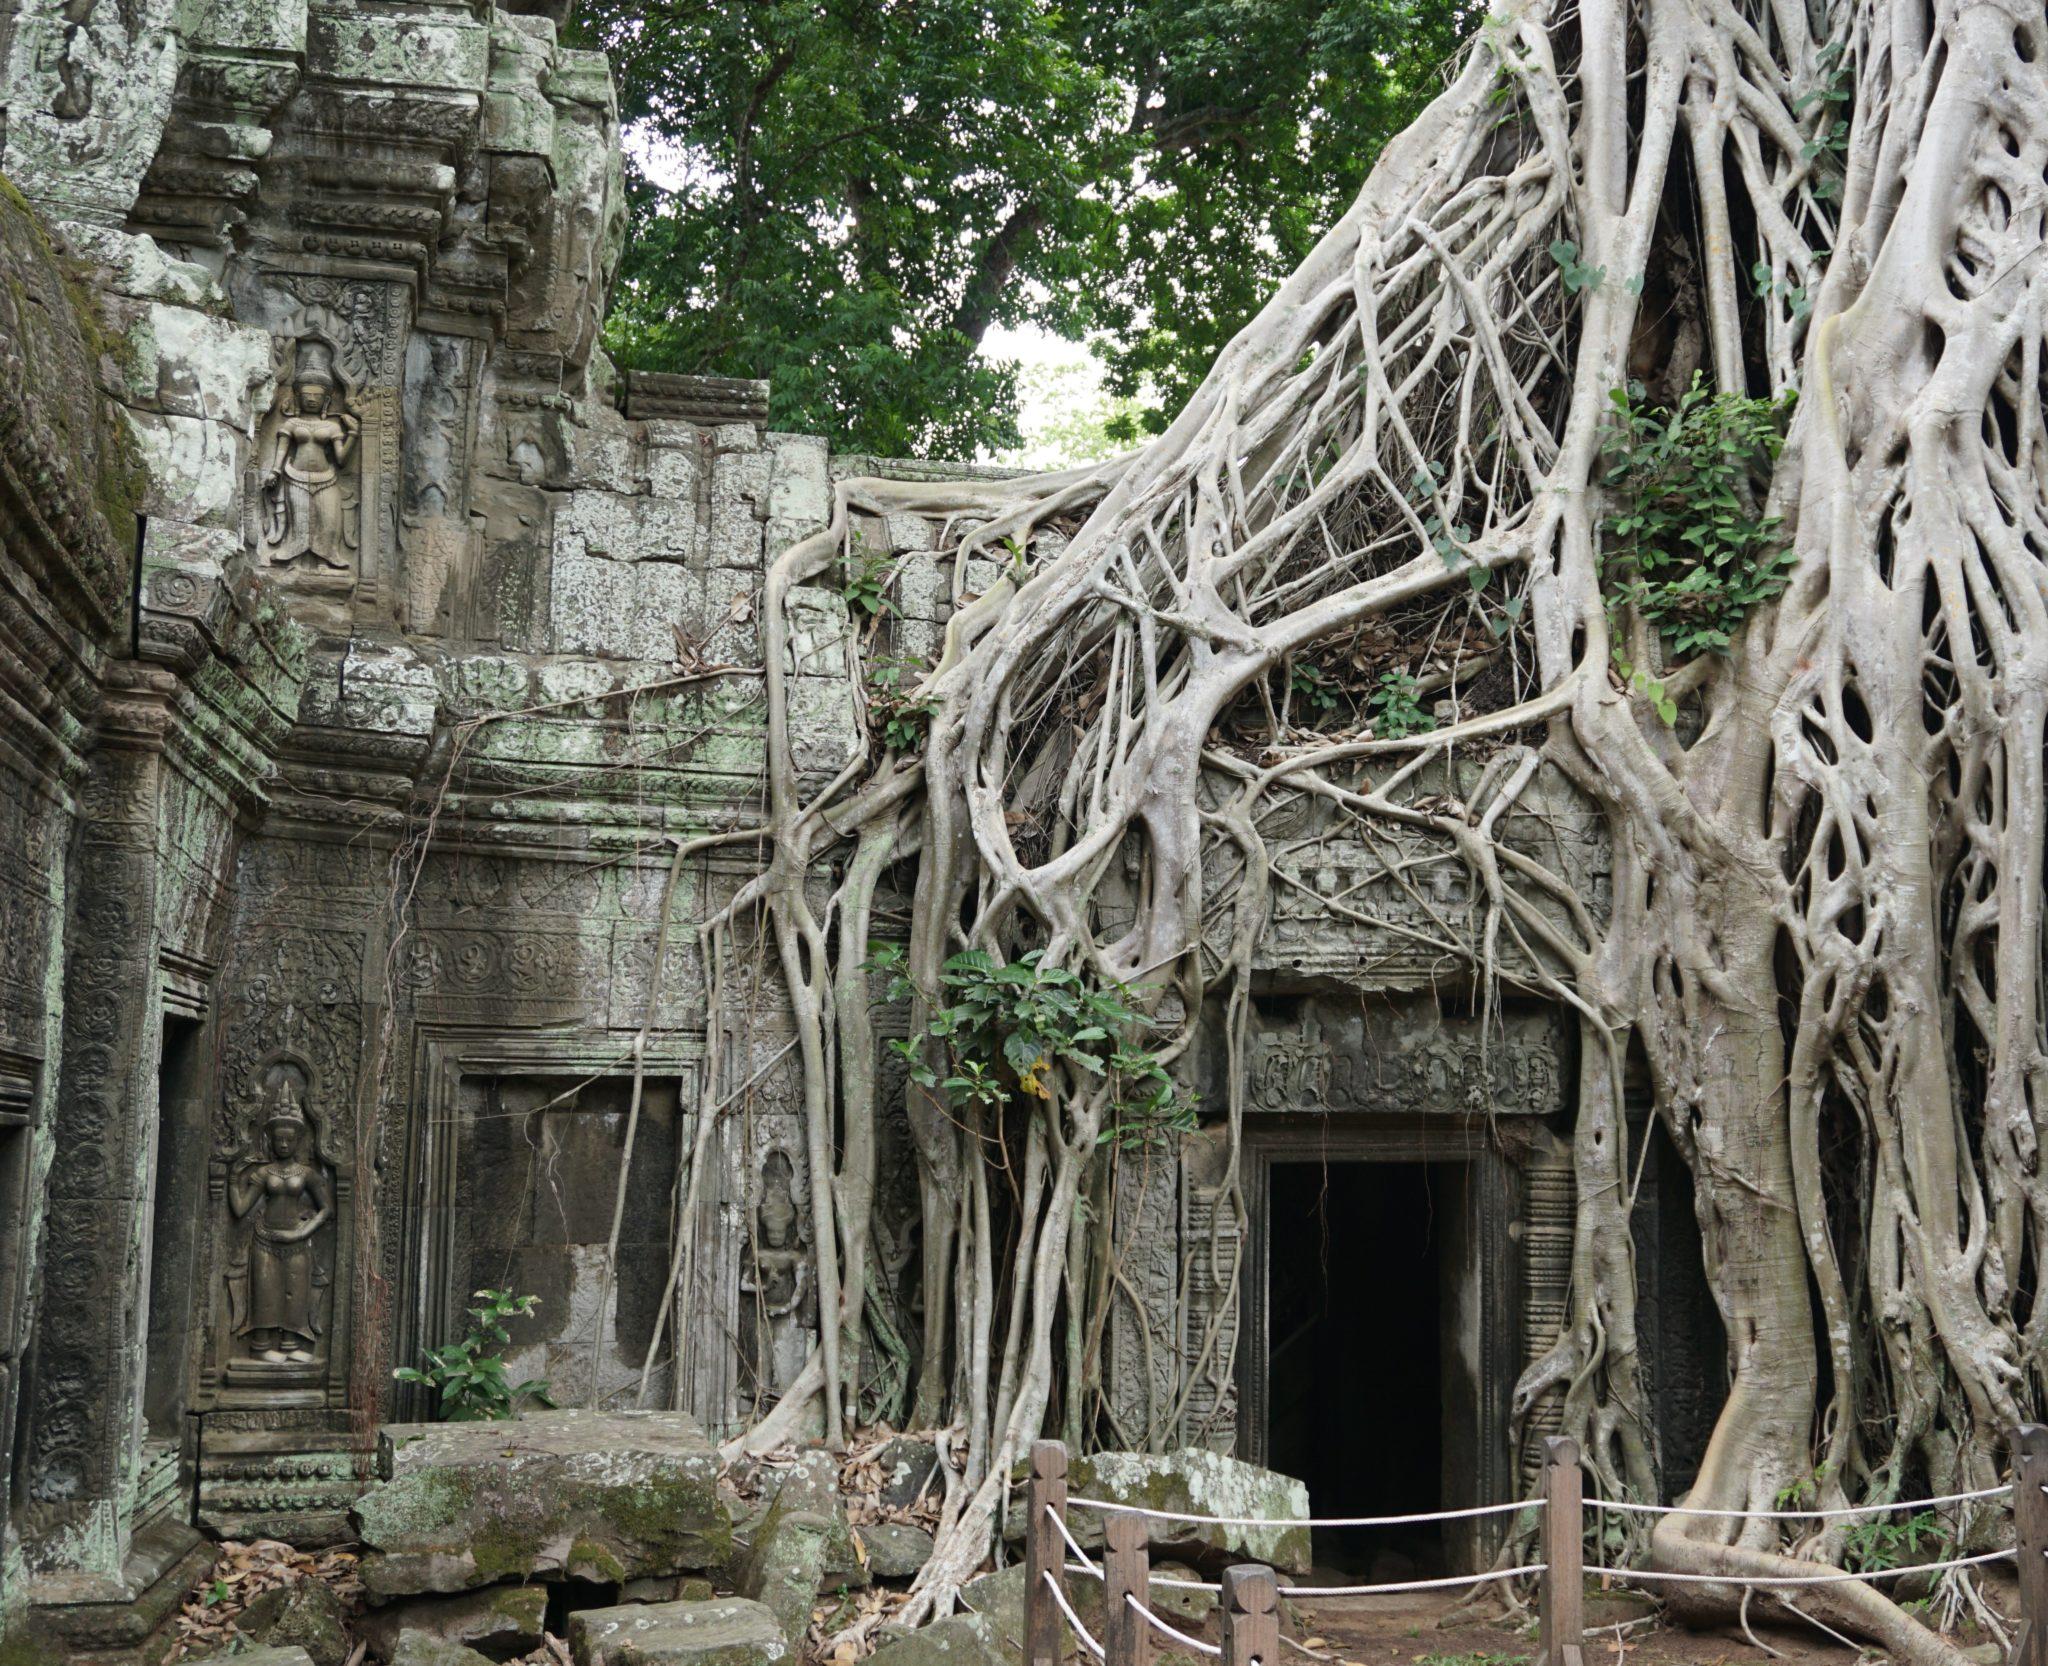 Baum-Wurzeln in den Tempelanlagen von Angkor